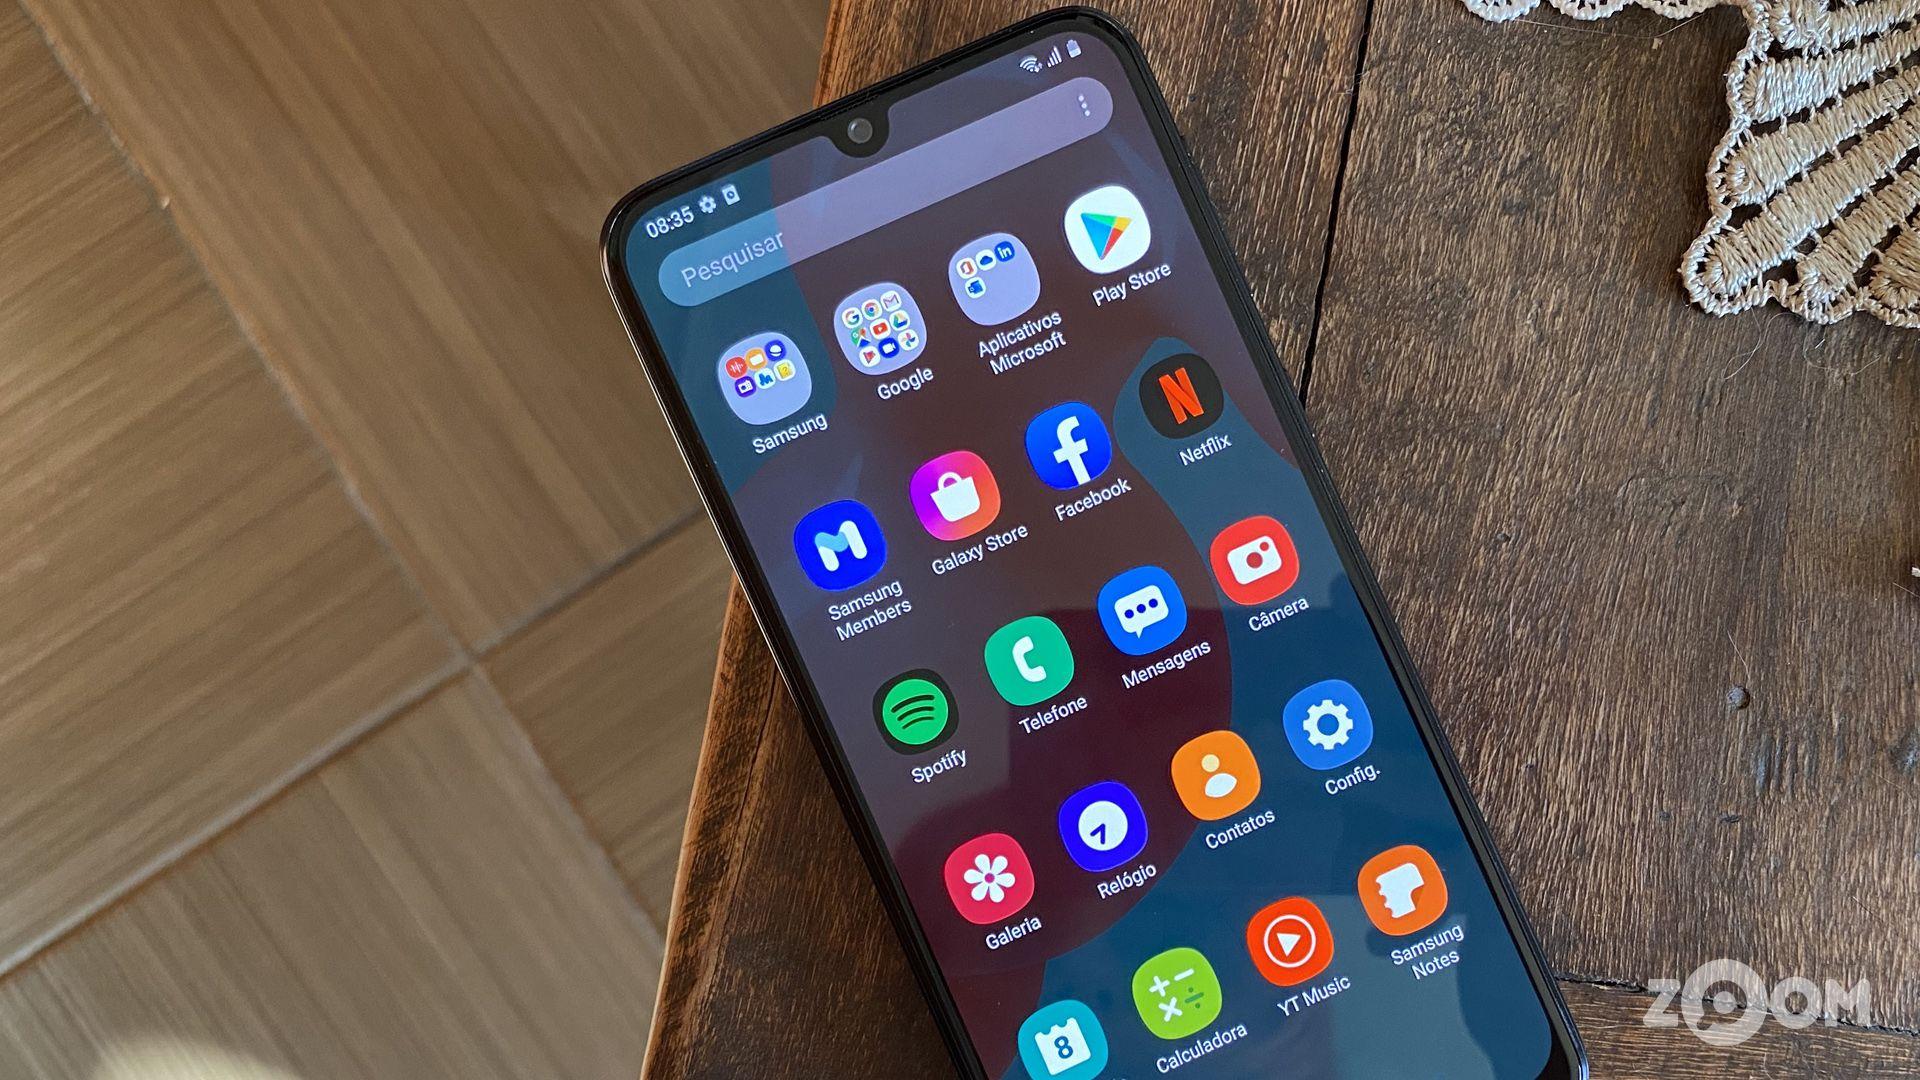 Galaxy M31 tem 128 GB de memória interna para apps, fotos, vídeos e outros arquivos. (Imagem: Ana Marques/Zoom)